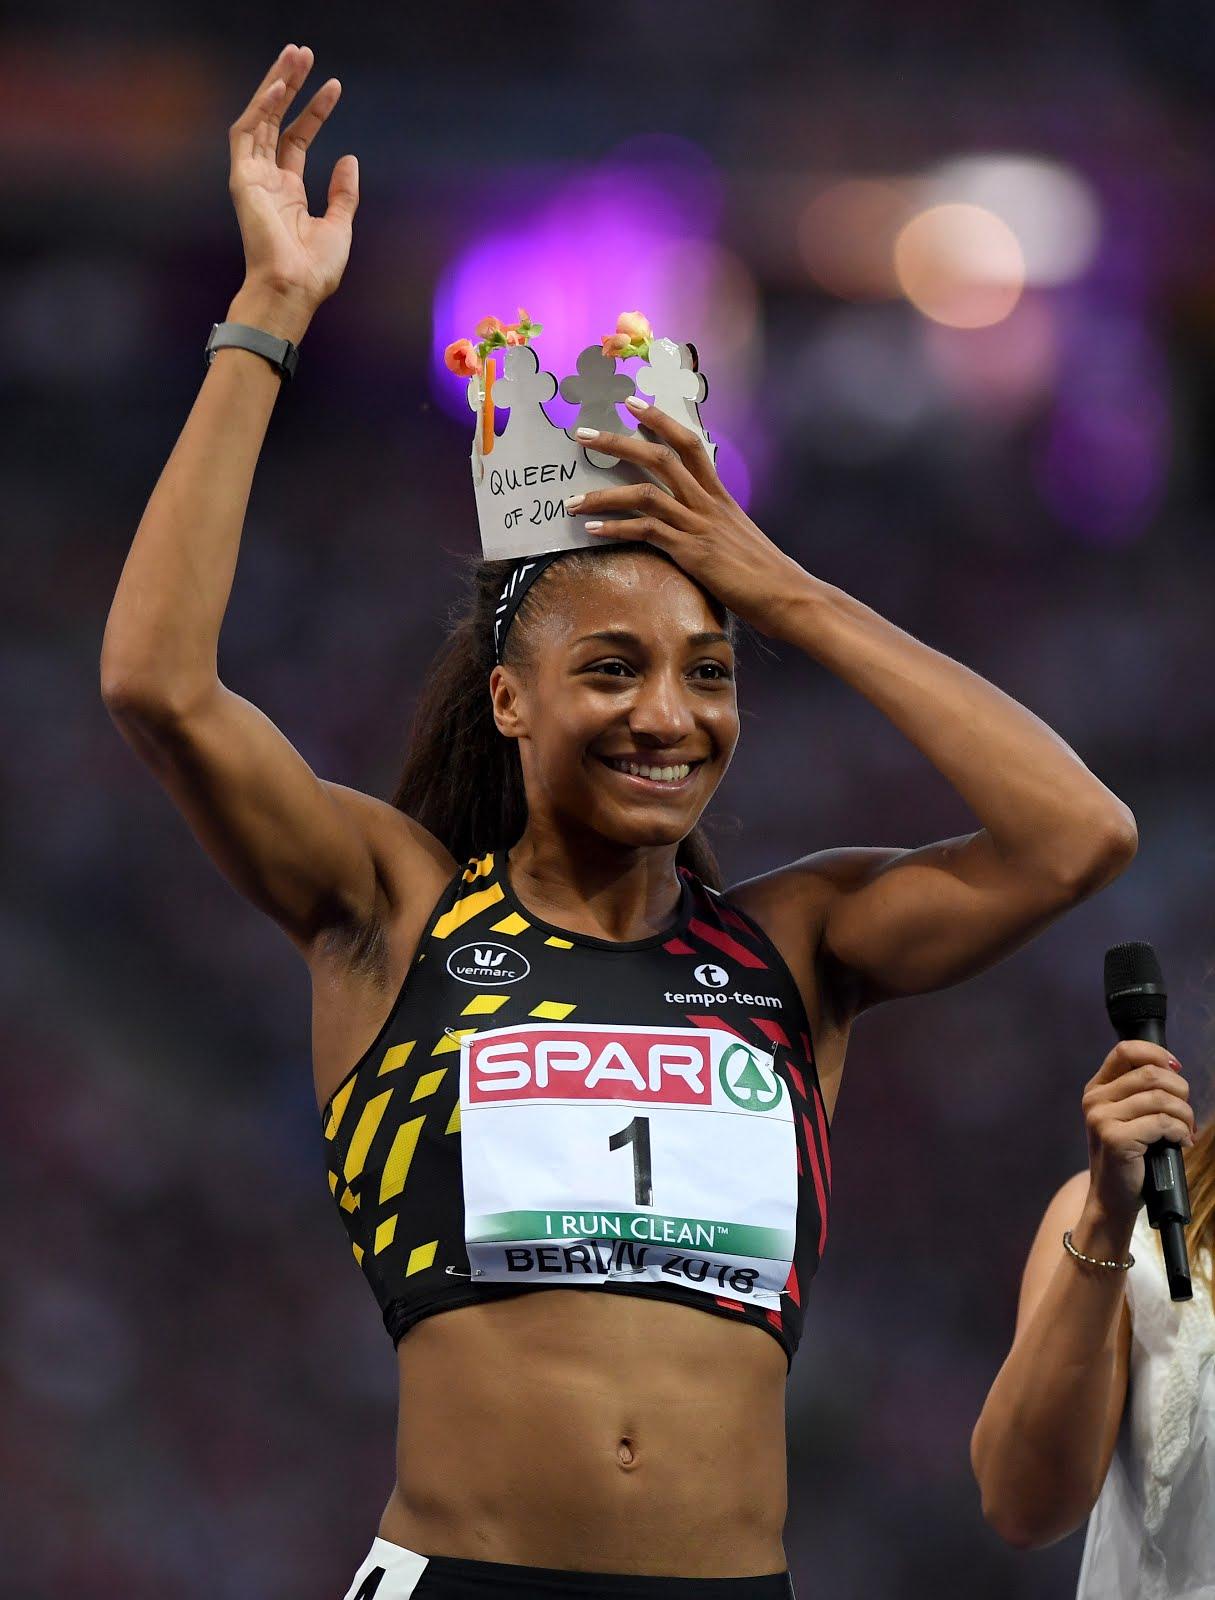 Belgium's Nafissatou Thiam